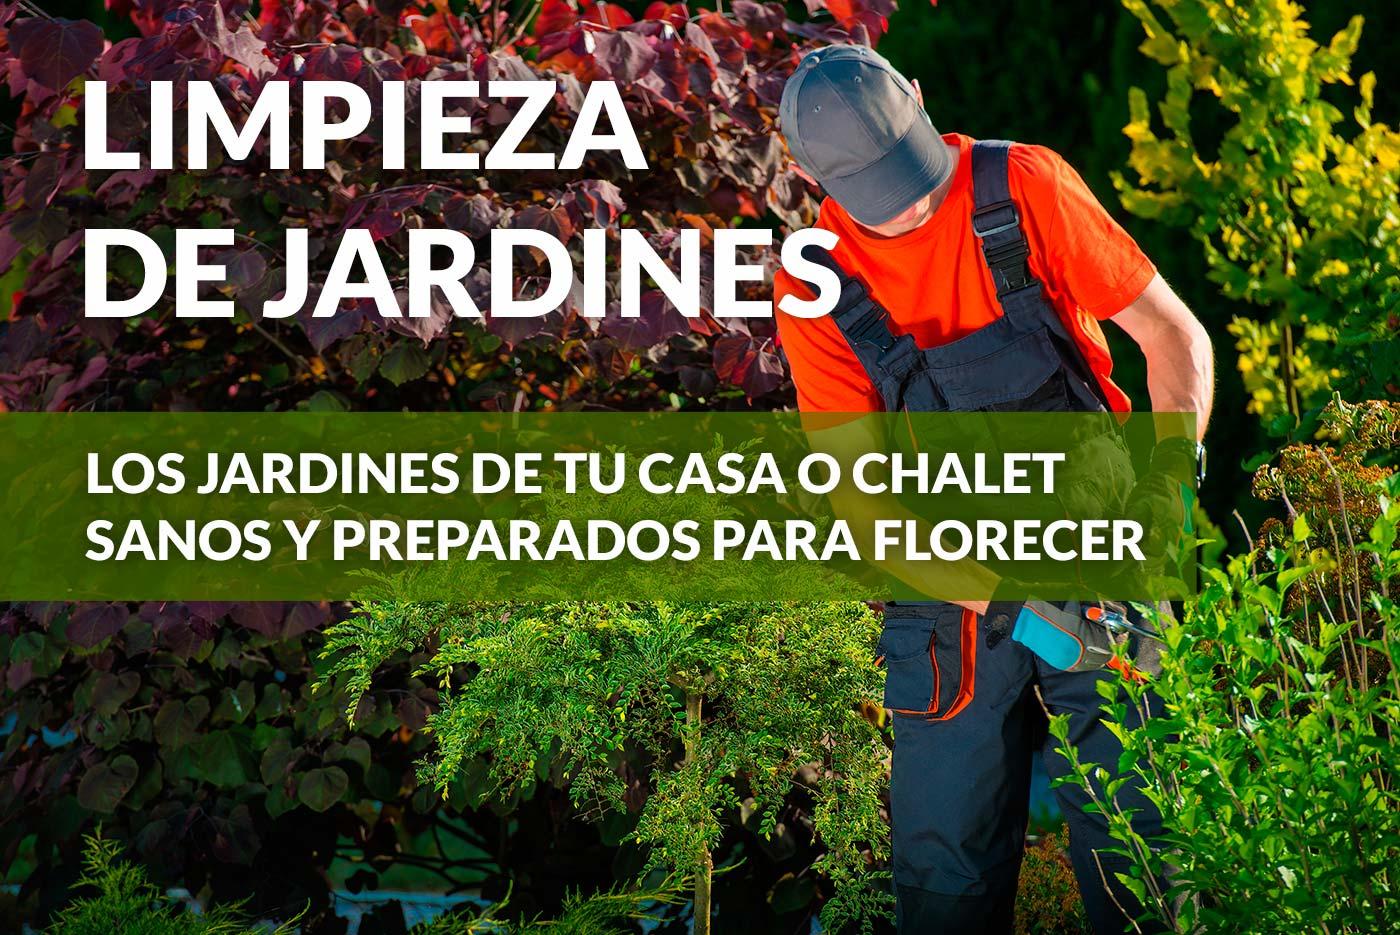 Limpieza de jardines viveros luis moreno for Mantenimiento de jardines